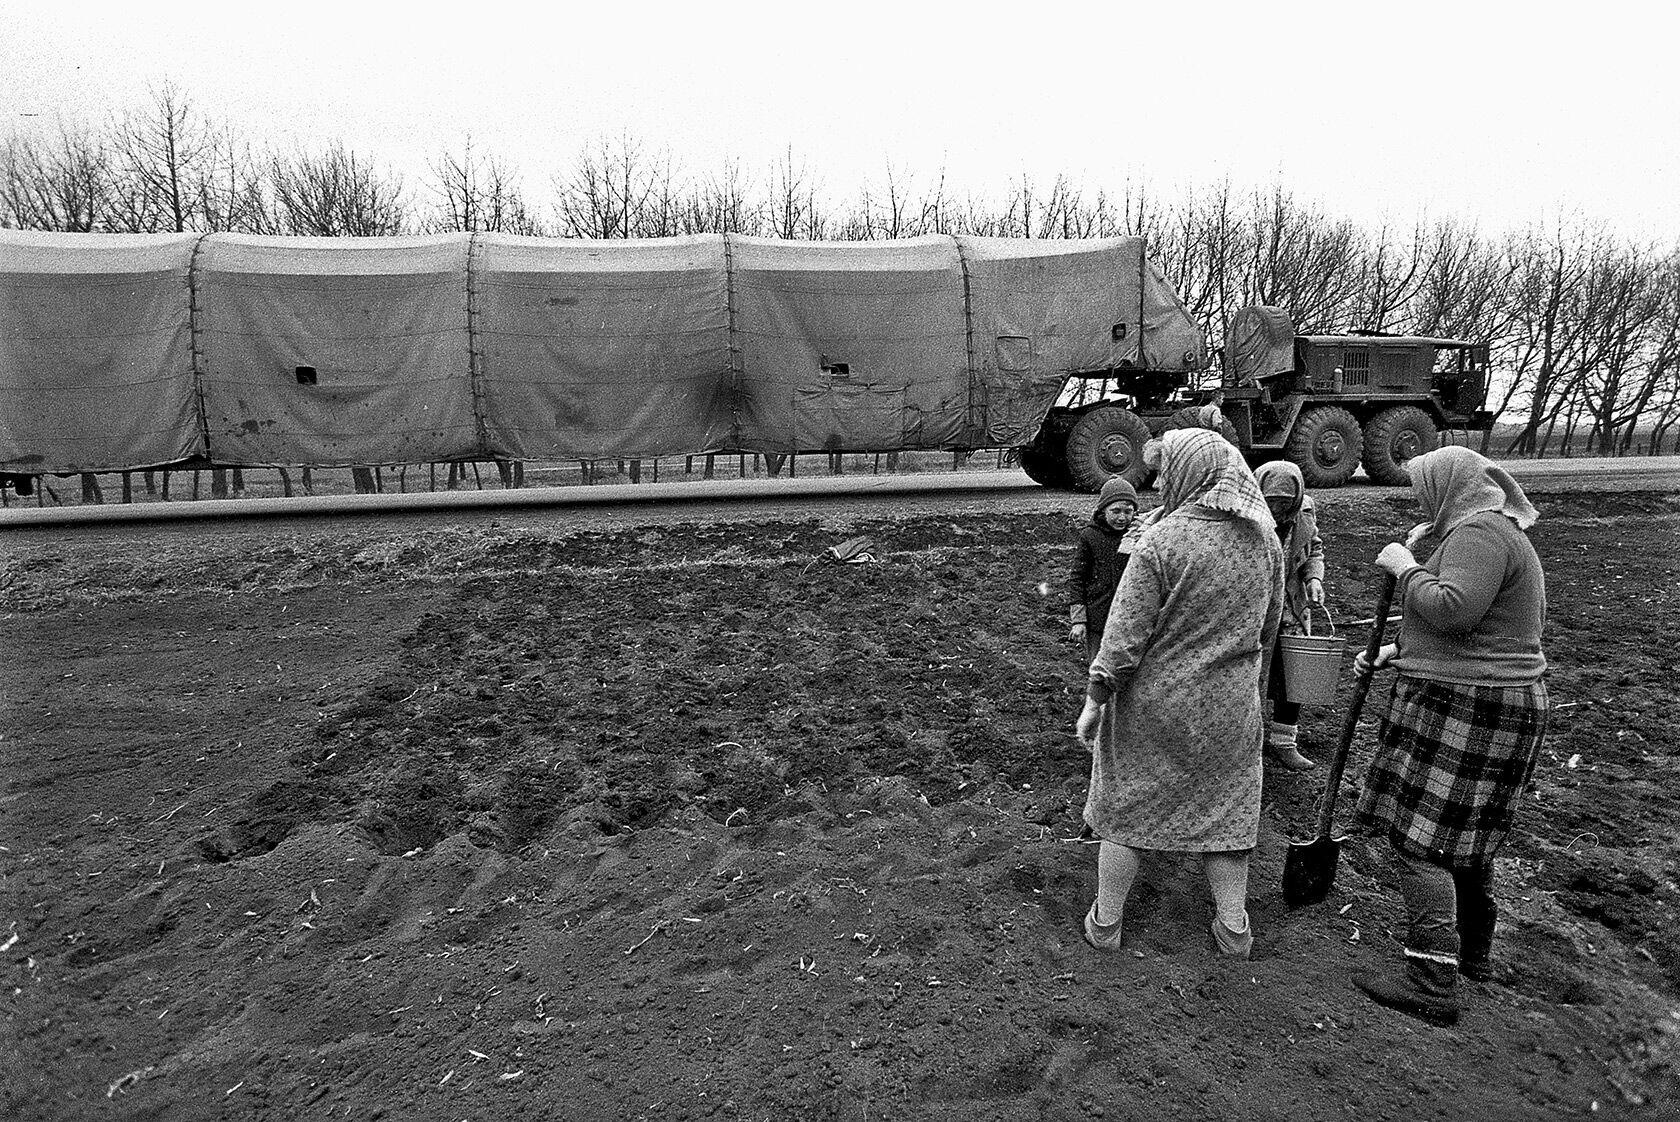 Колонна с демонтированной ракетой СС-19 проходит мимо людей, сажающих картошку. Первомайск, Николаевская область, март 1994 года